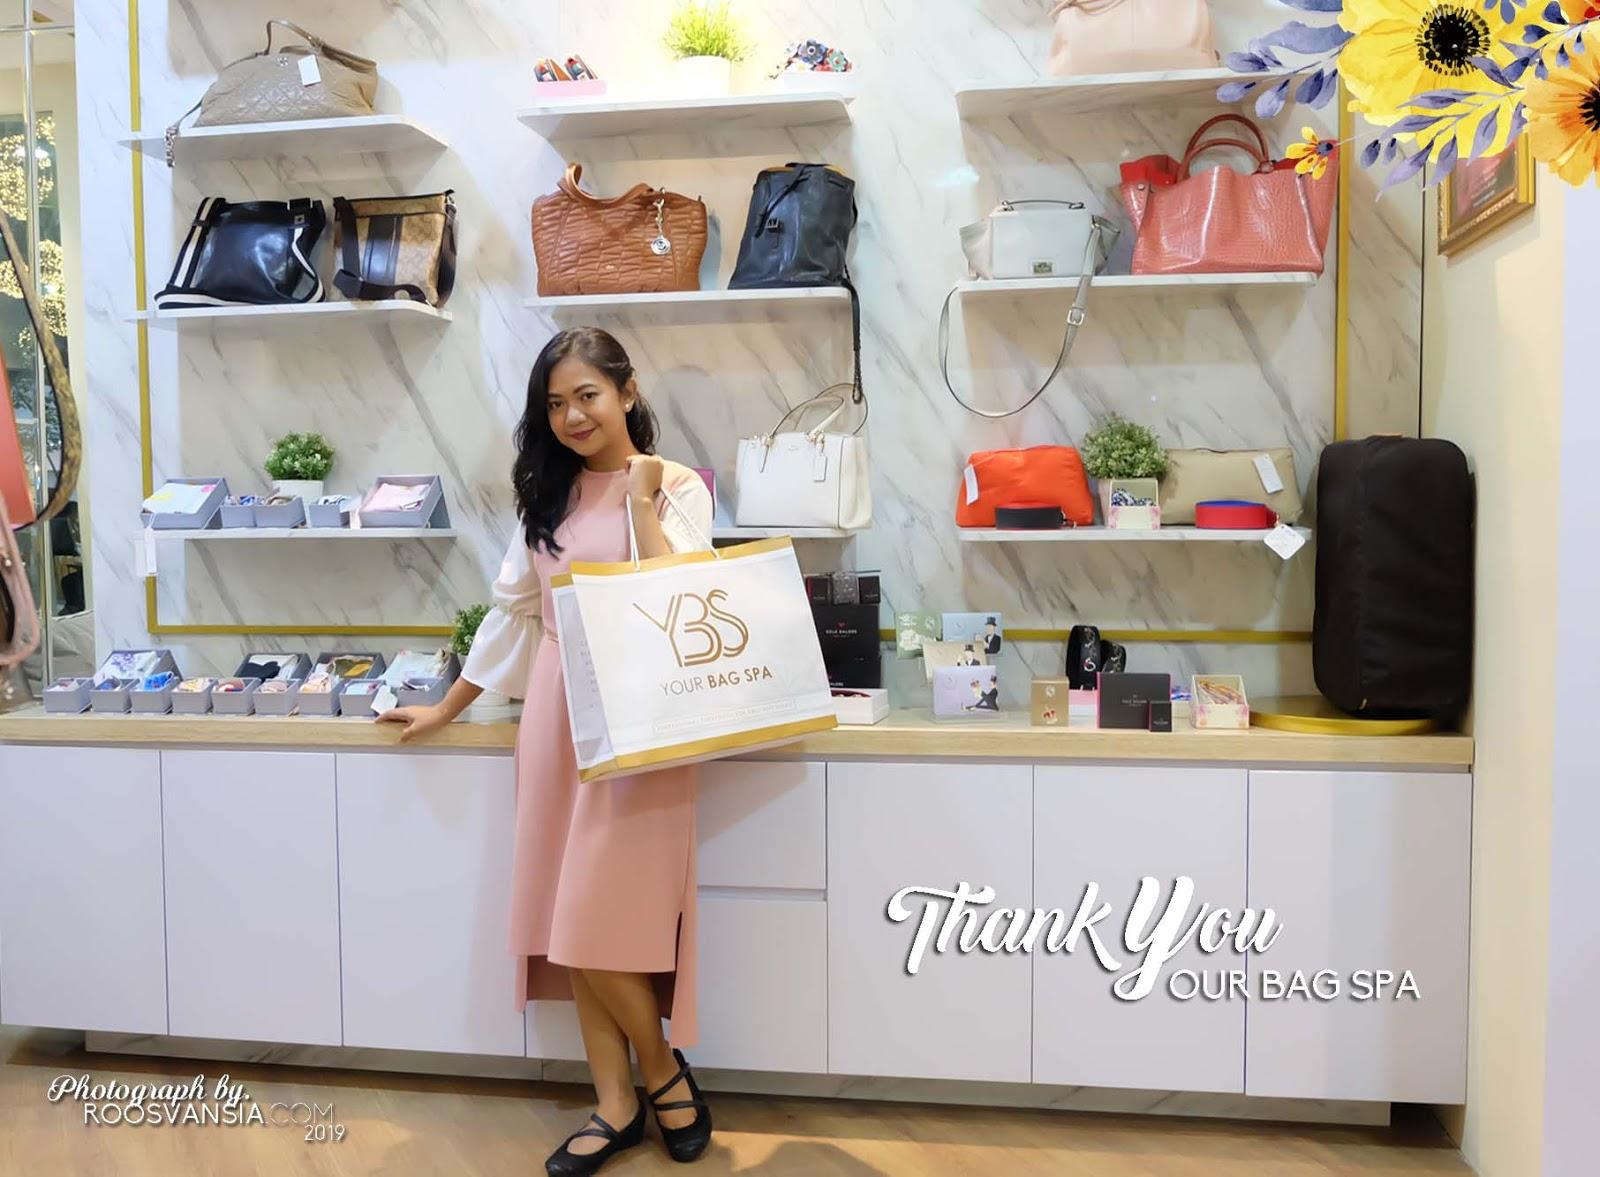 e56b34579 Thank you so much Clozette Indonesia untuk kesempatannya aku bisa mereview  tentang pengalaman aku cleaning tas di Your Bag Spa